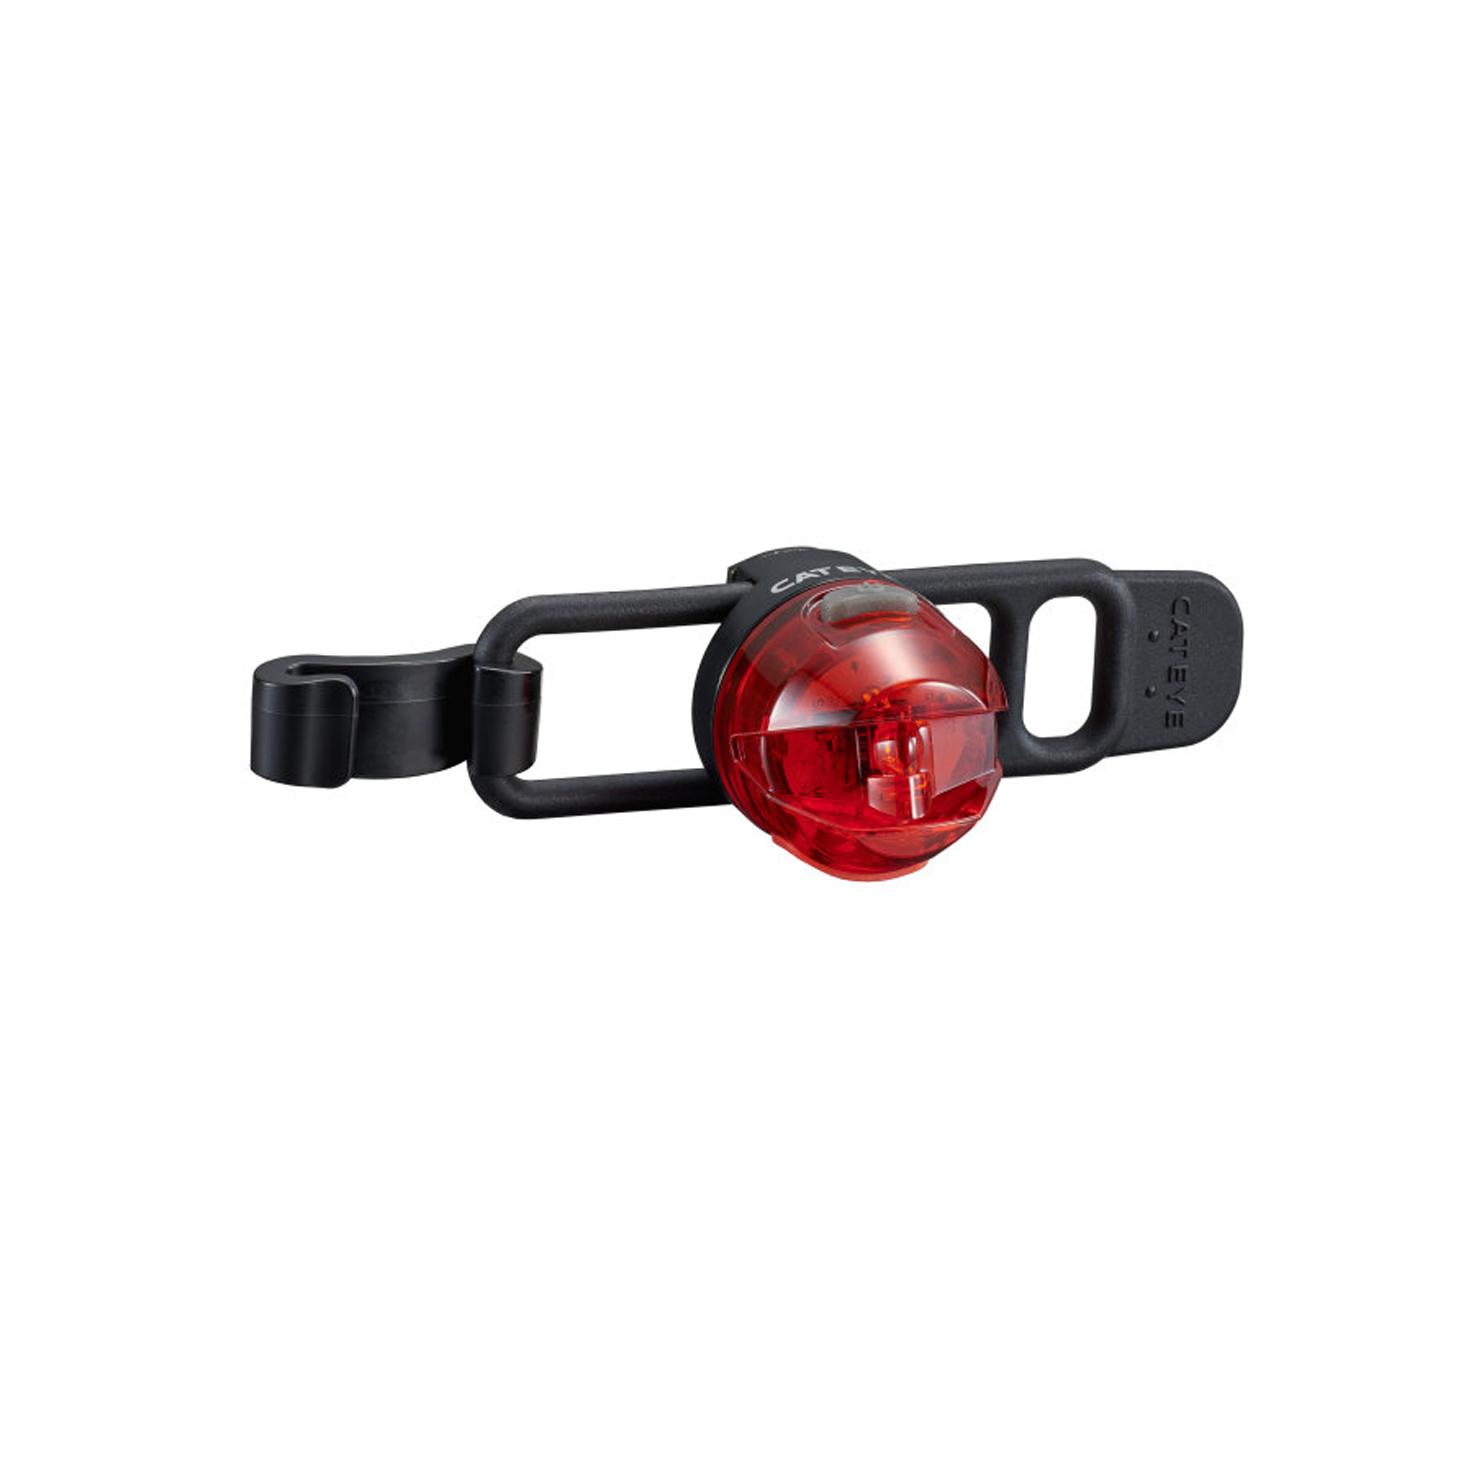 Fahrradrücklicht Cateye Loop 2 G